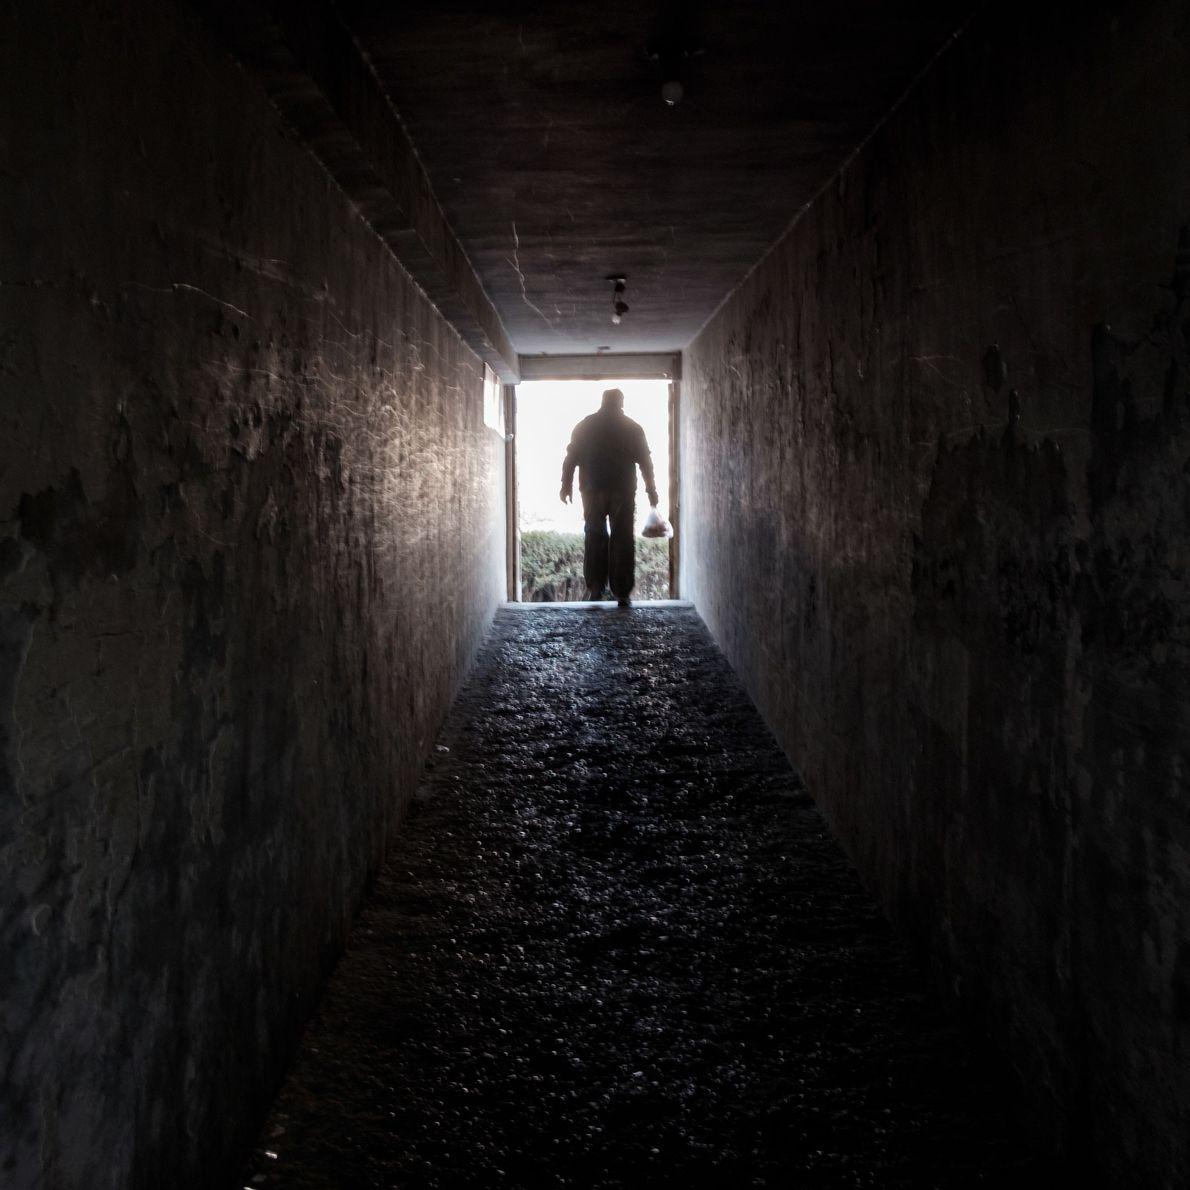 Un hombre sale de un refugio